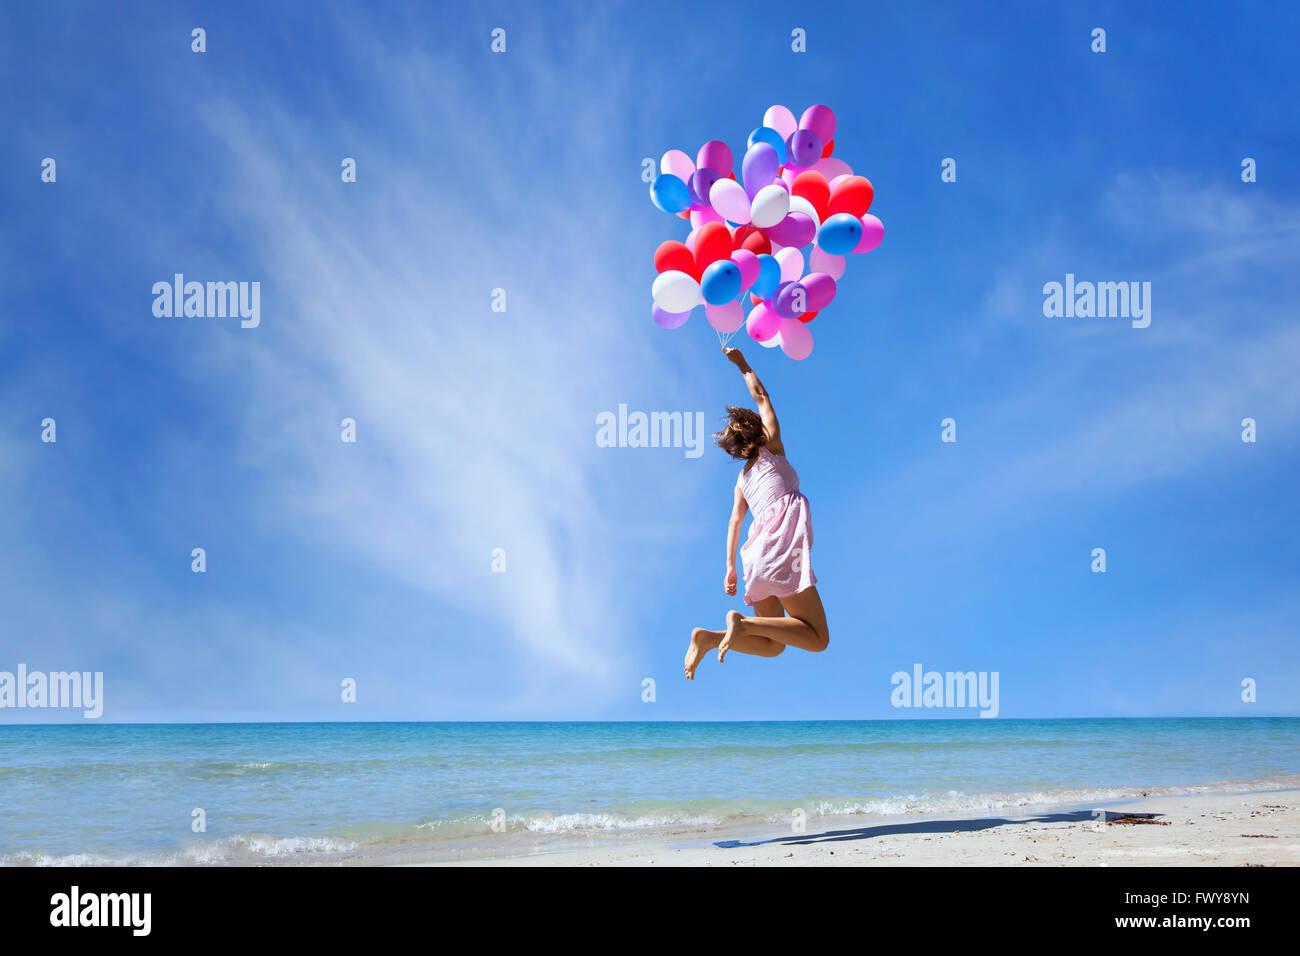 Dream concept, girl flying sur ballons multicolores dans le ciel bleu, de l'imagination et la créativité Photo Stock